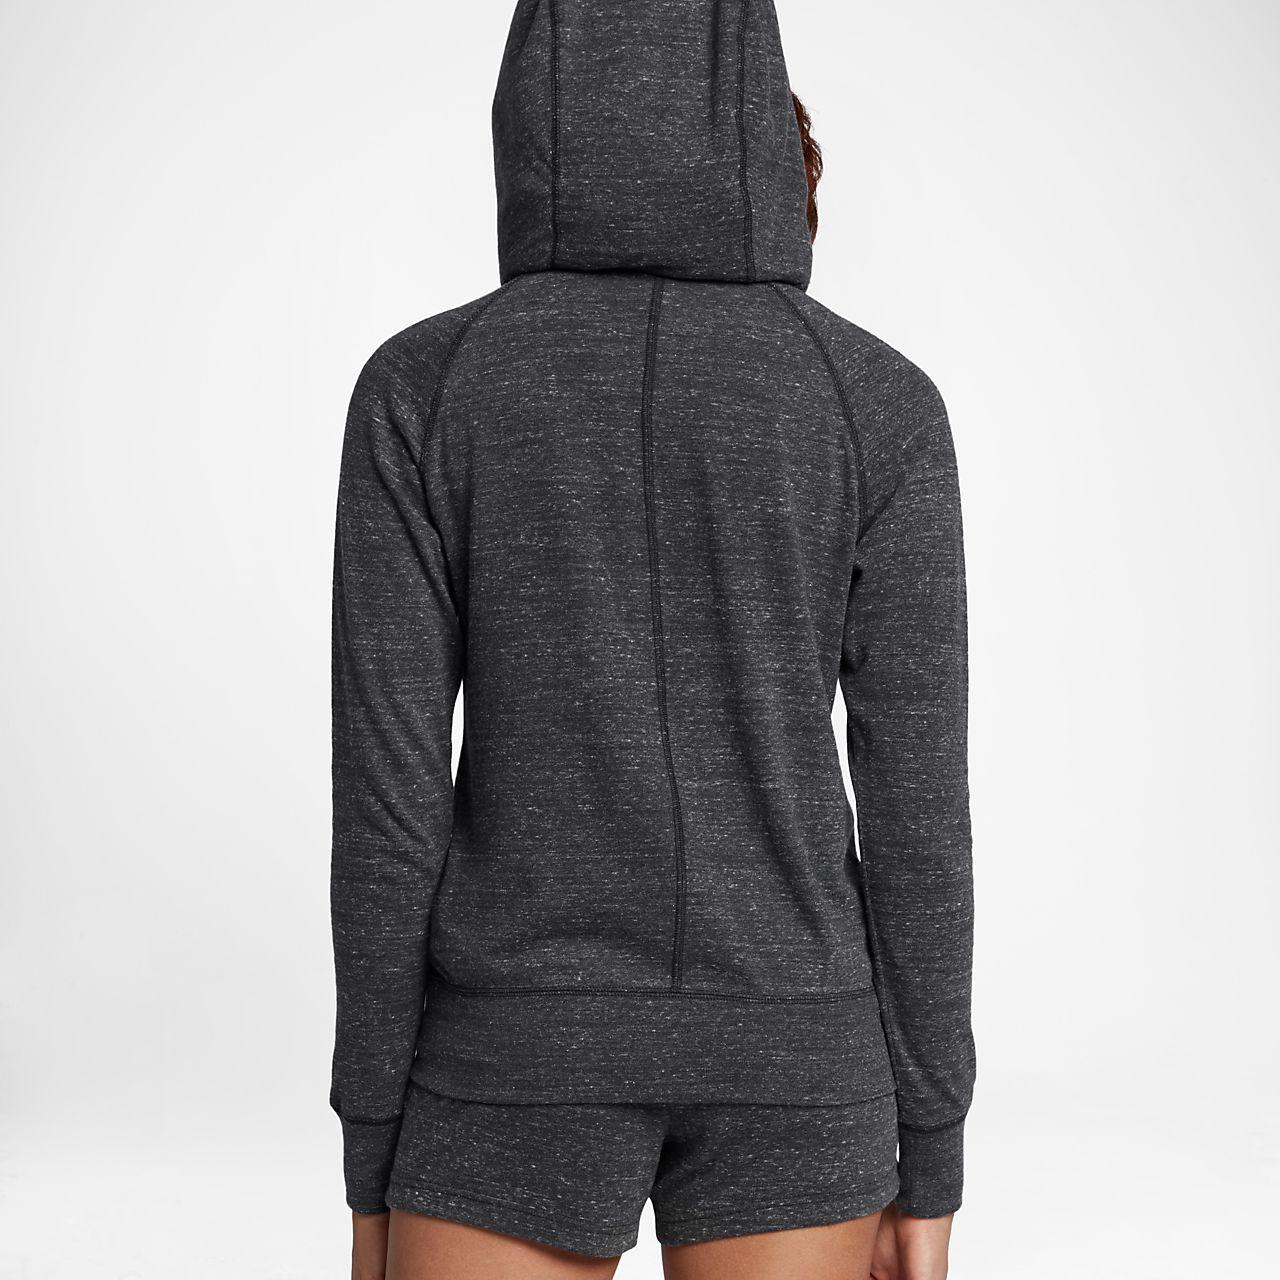 7ad4d9b3208 ... Sweat à capuche entièrement zippé Nike Sportswear Gym Vintage pour Femme